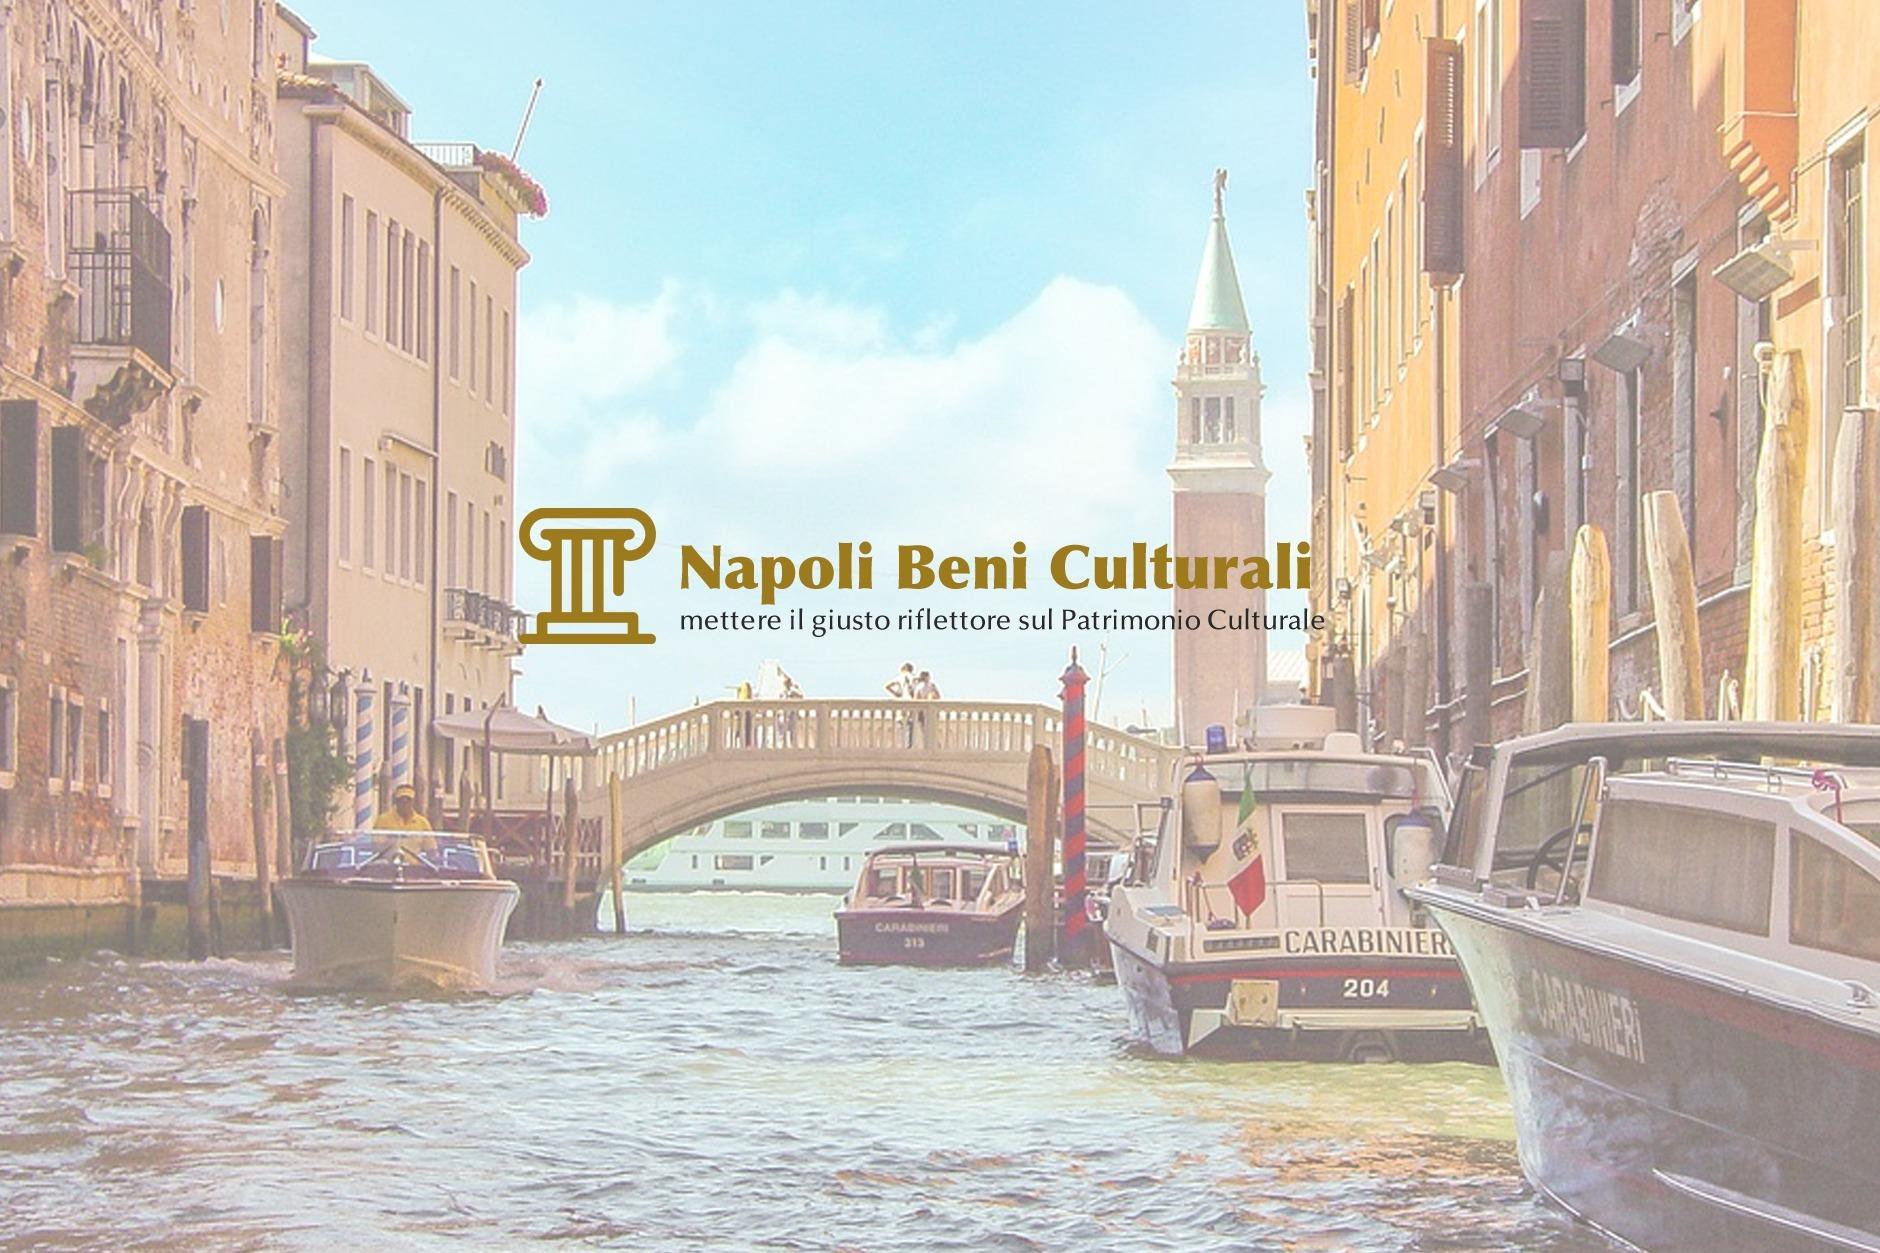 Napoli Beni Culturali (@napolibeniculturali) Cover Image